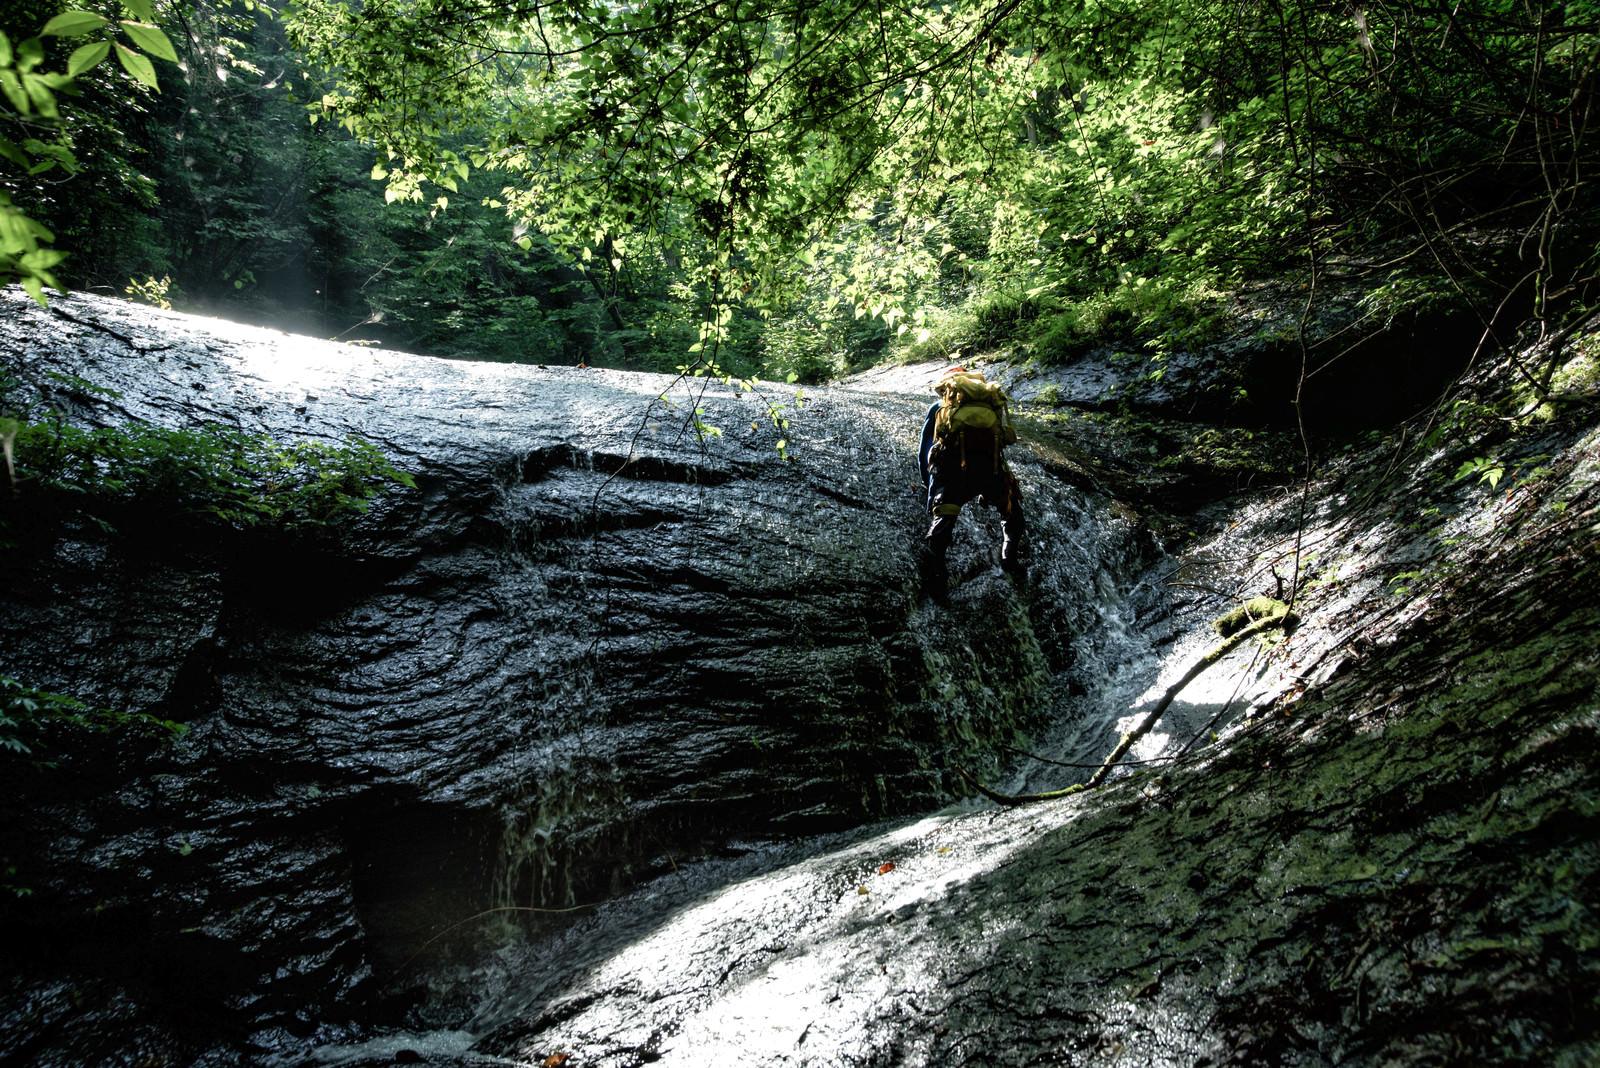 「滑滝に挑むクライマー」の写真